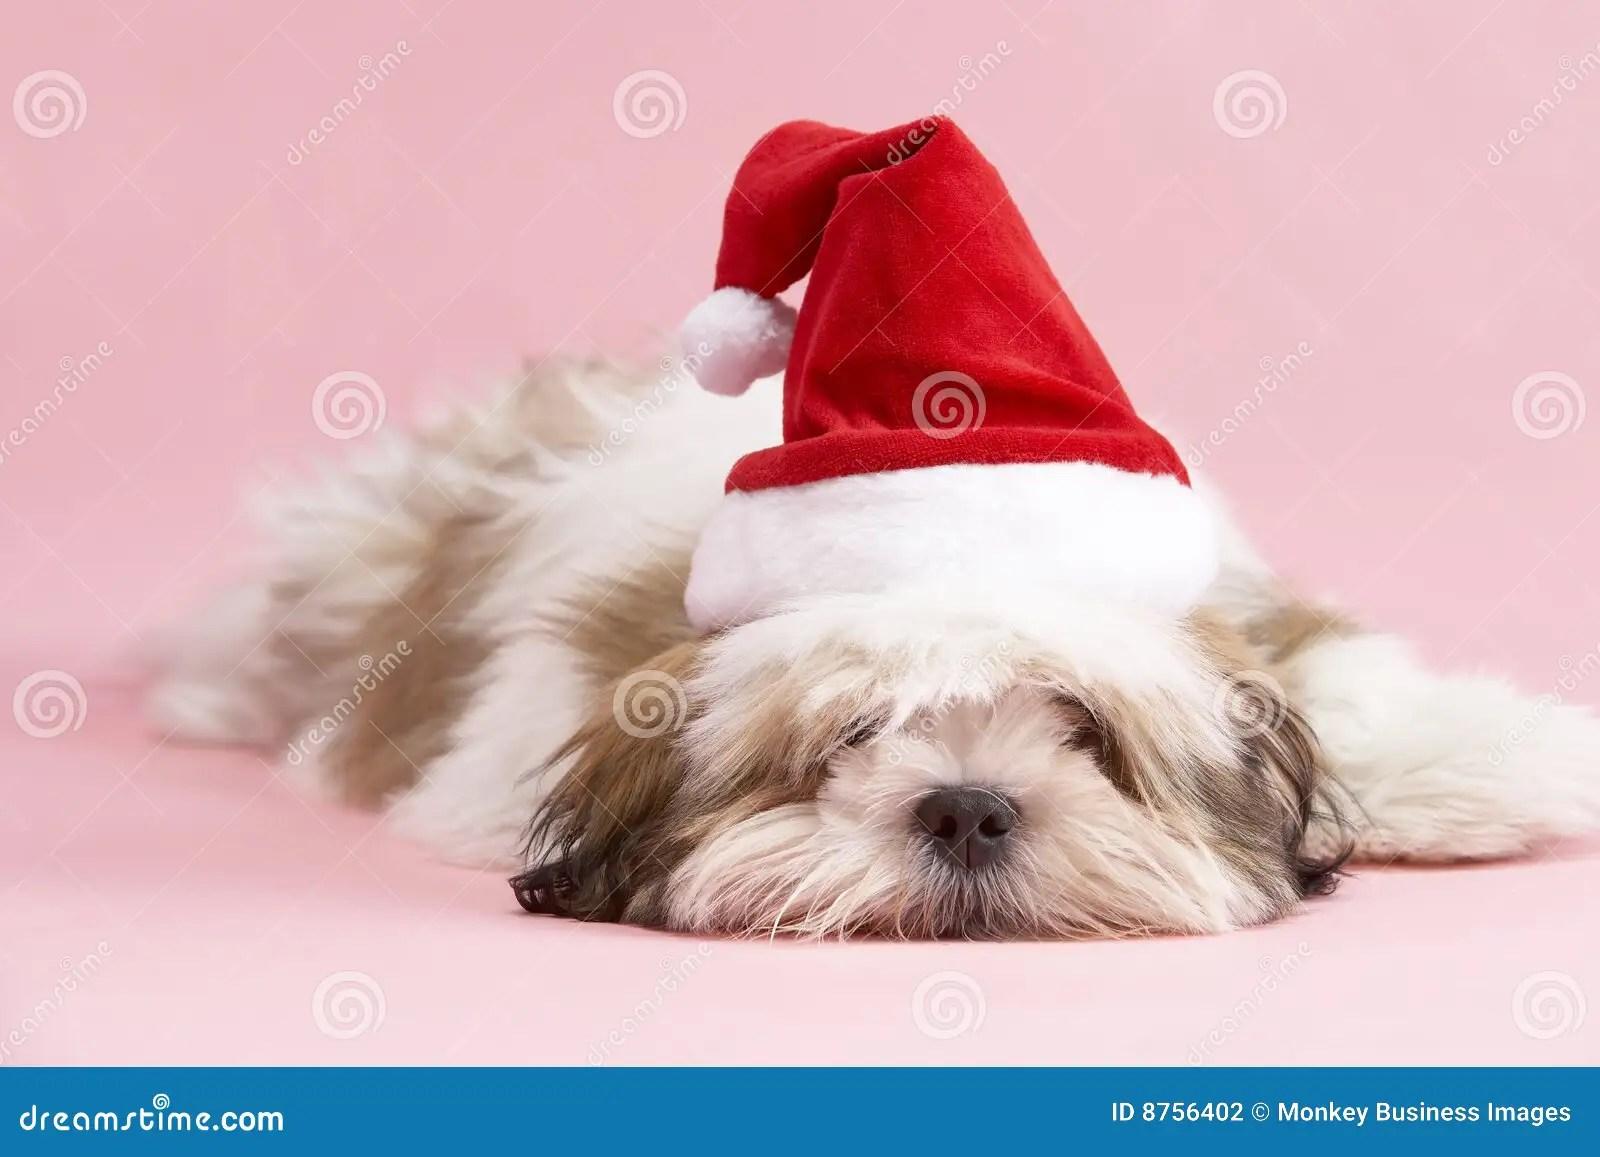 Lhasa Apso Dog Wearing Santa Hat Stock Photo Image Of